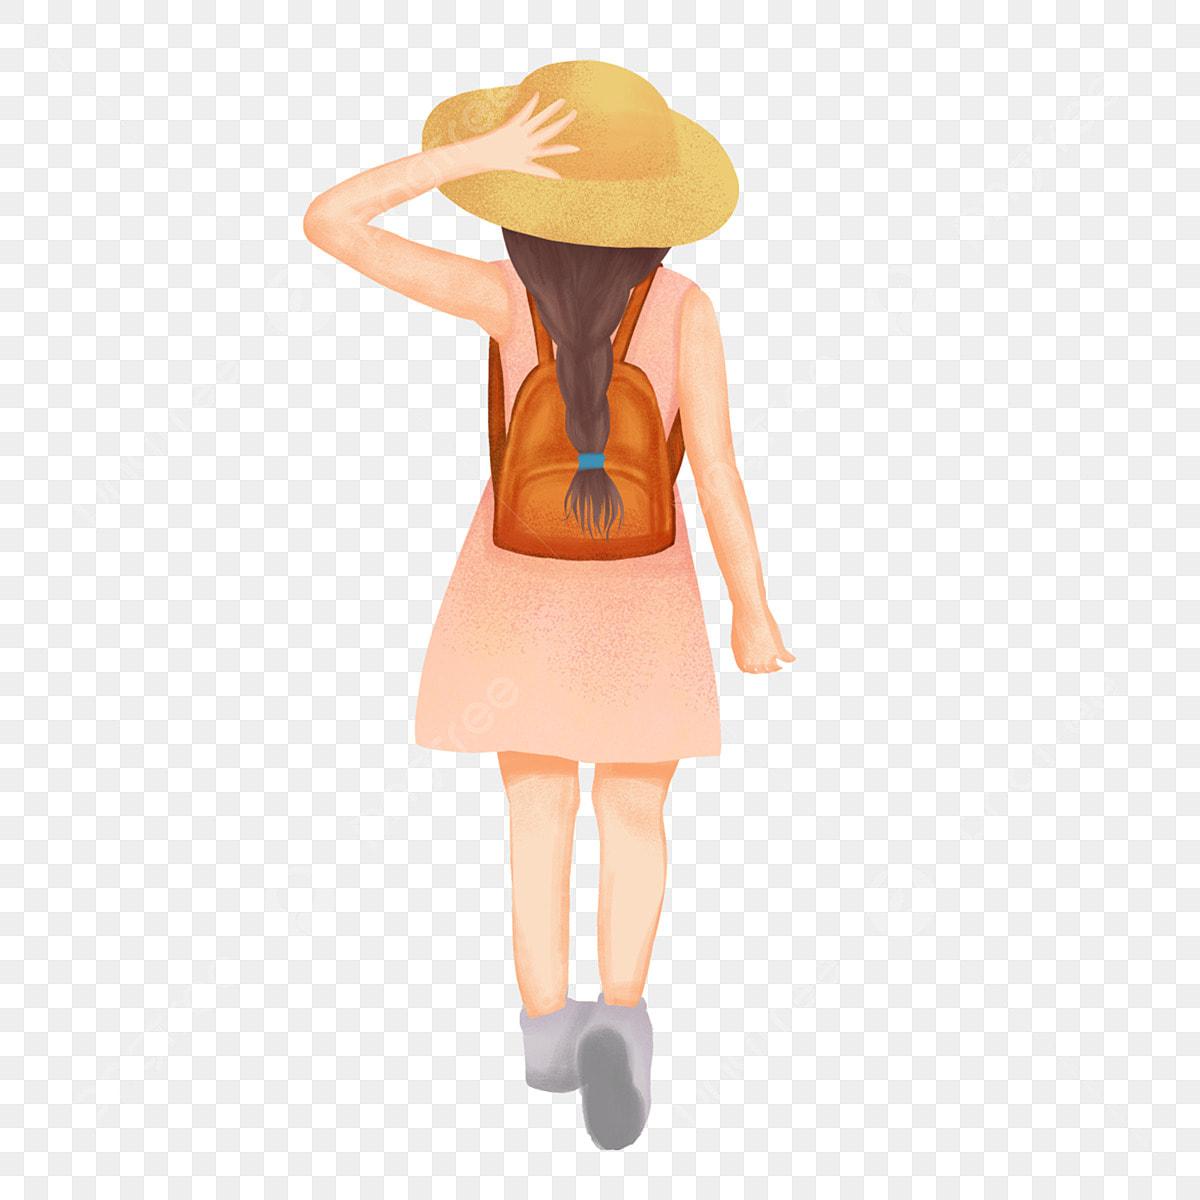 مرسومة باليد رسوم متحركة فتاة صغيرة جولة الربيع ظهره قبعة